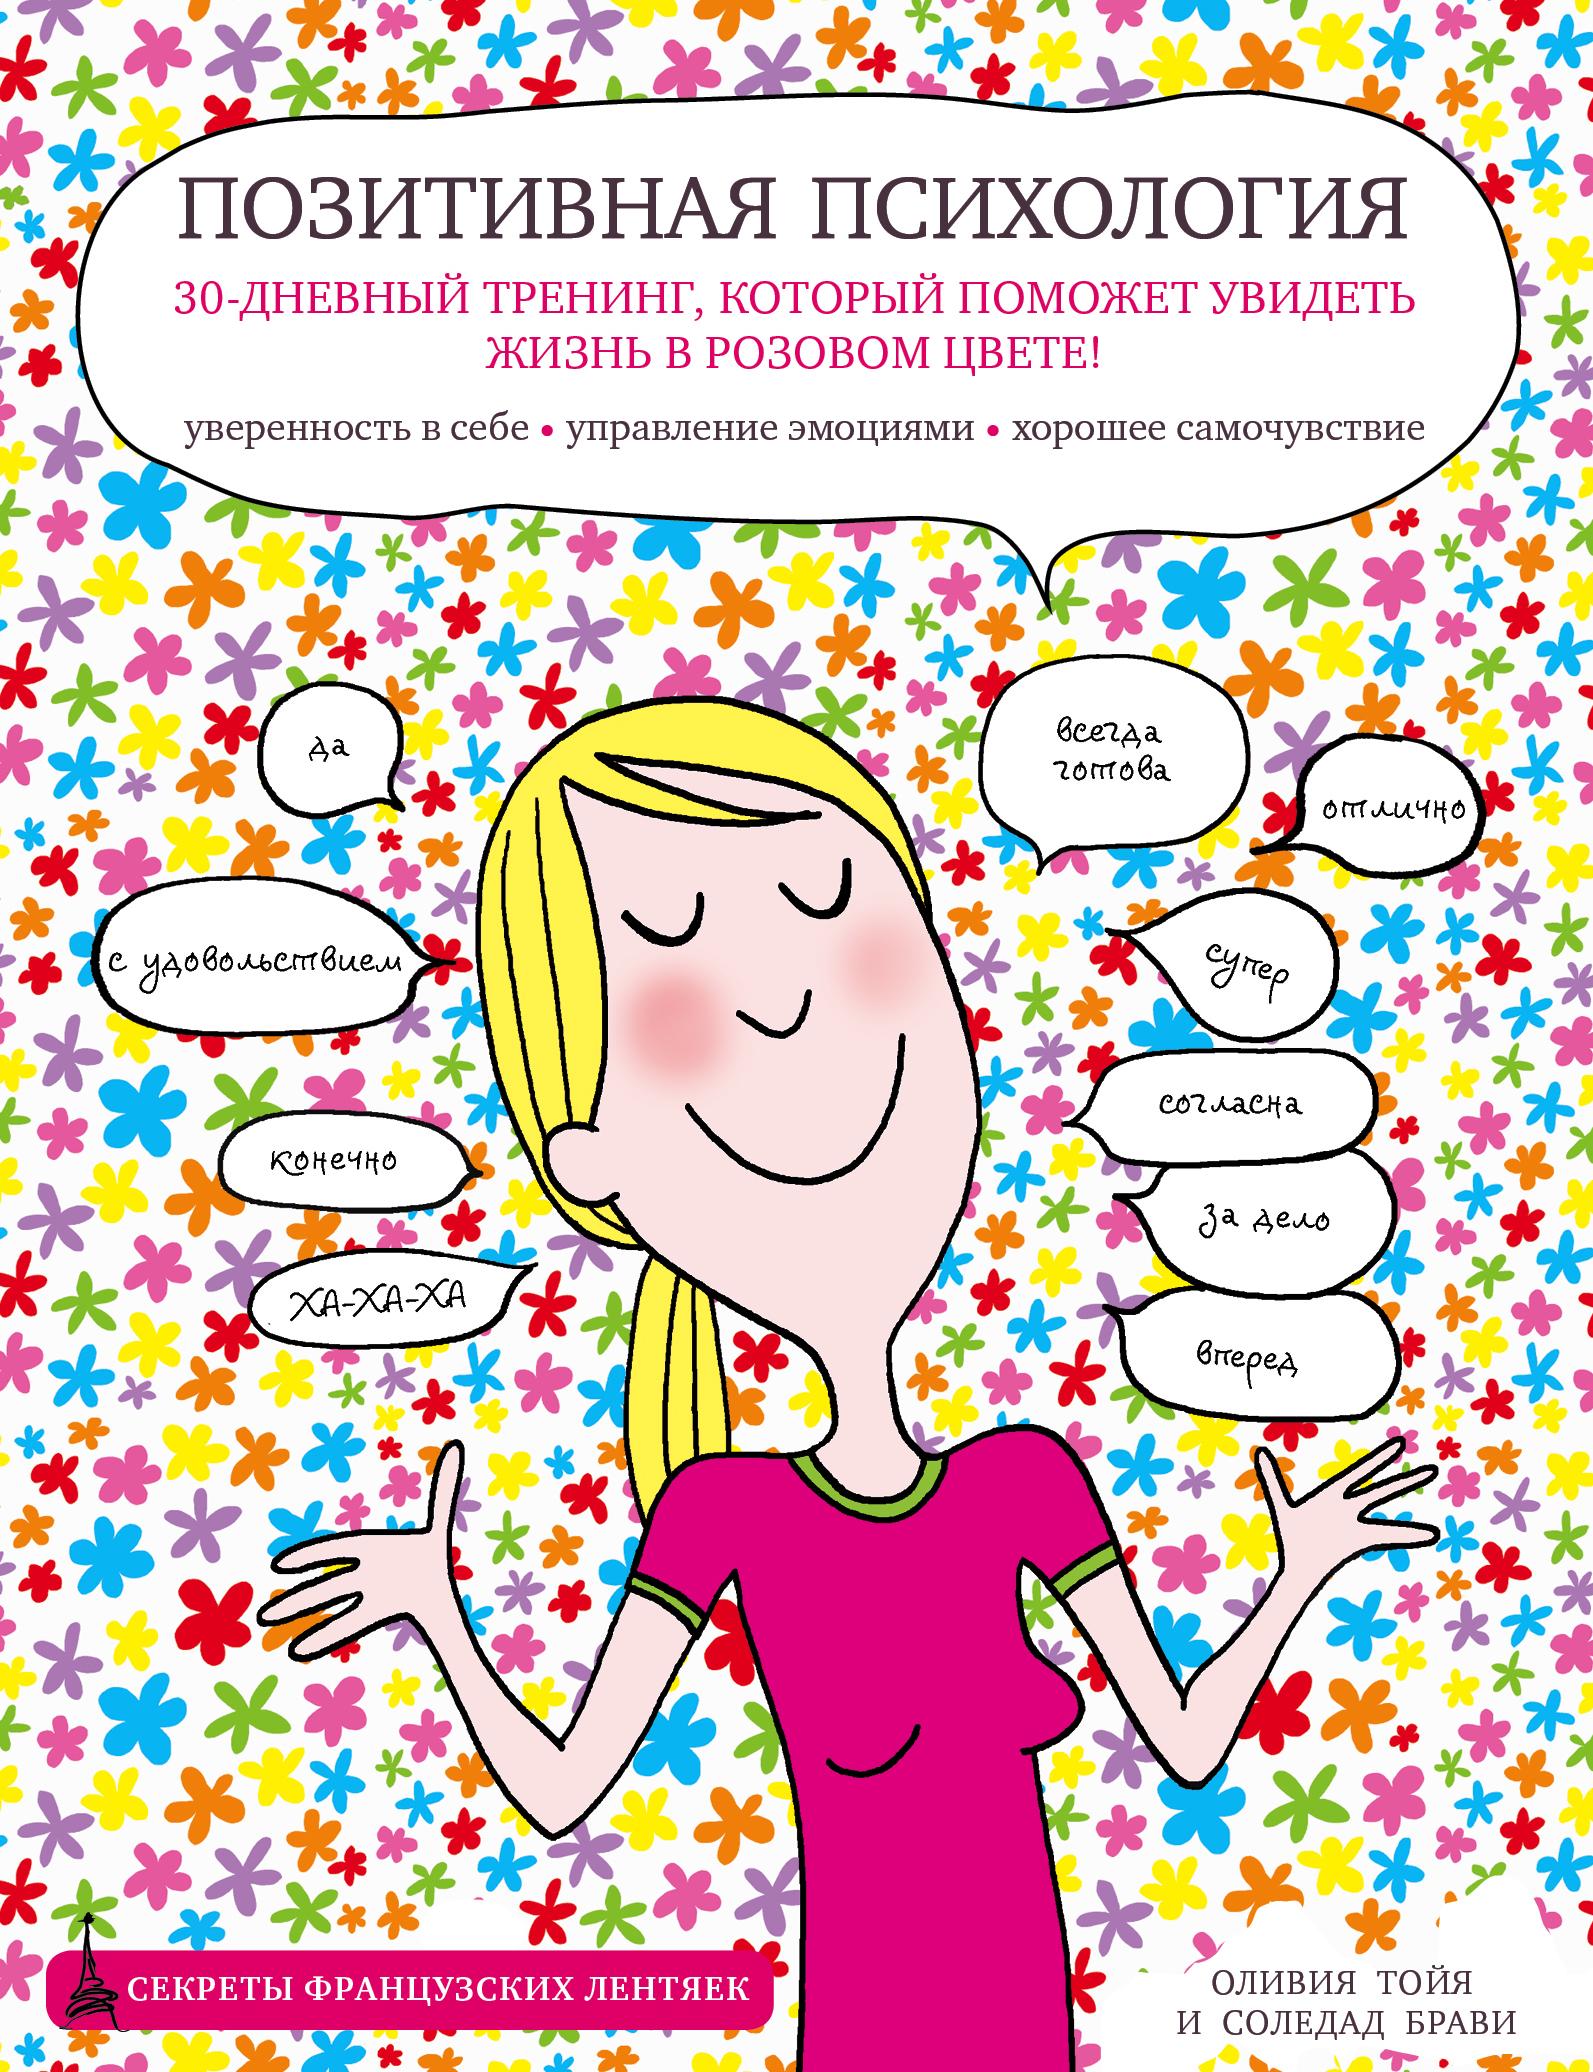 Позитивная психология. 30-дневный тренинг, который поможет увидеть жизнь в розовом цвете!